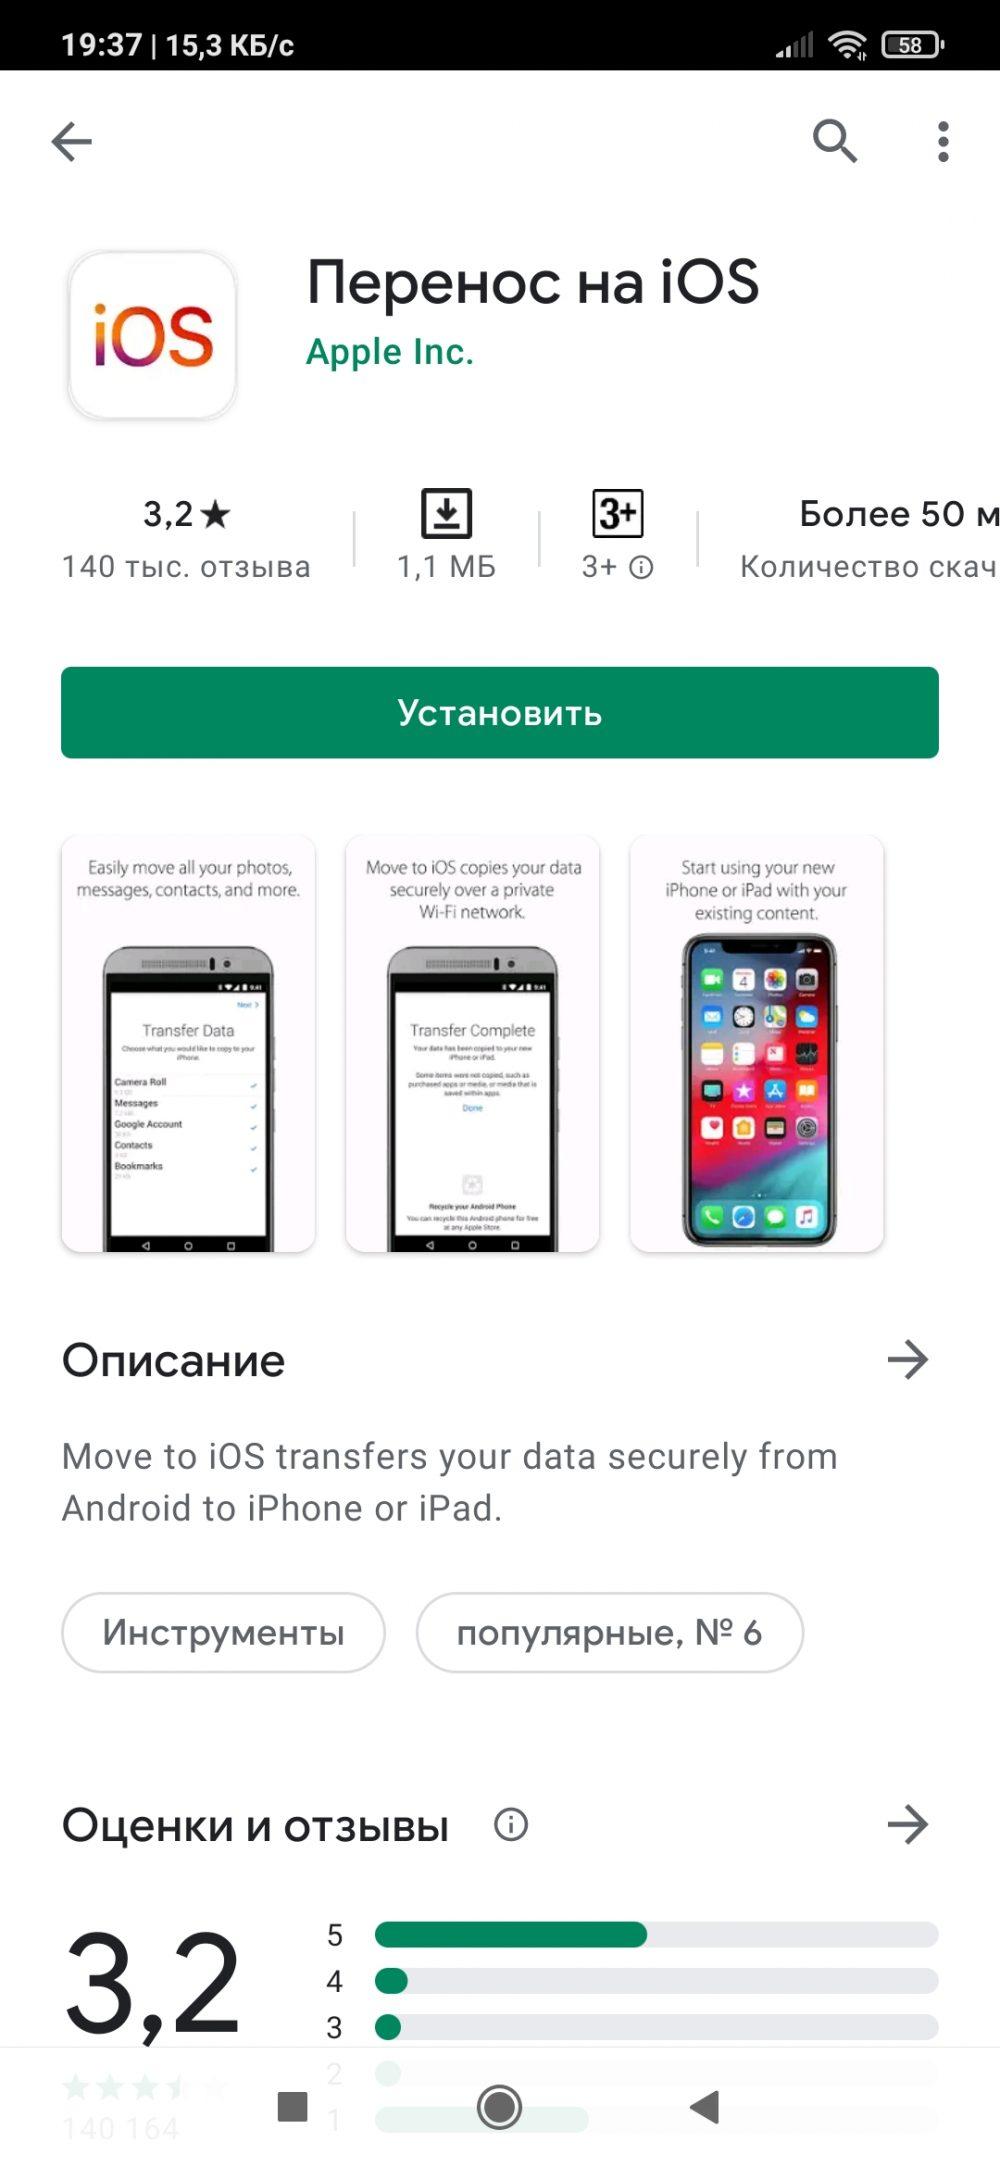 Официальное приложение от Apple